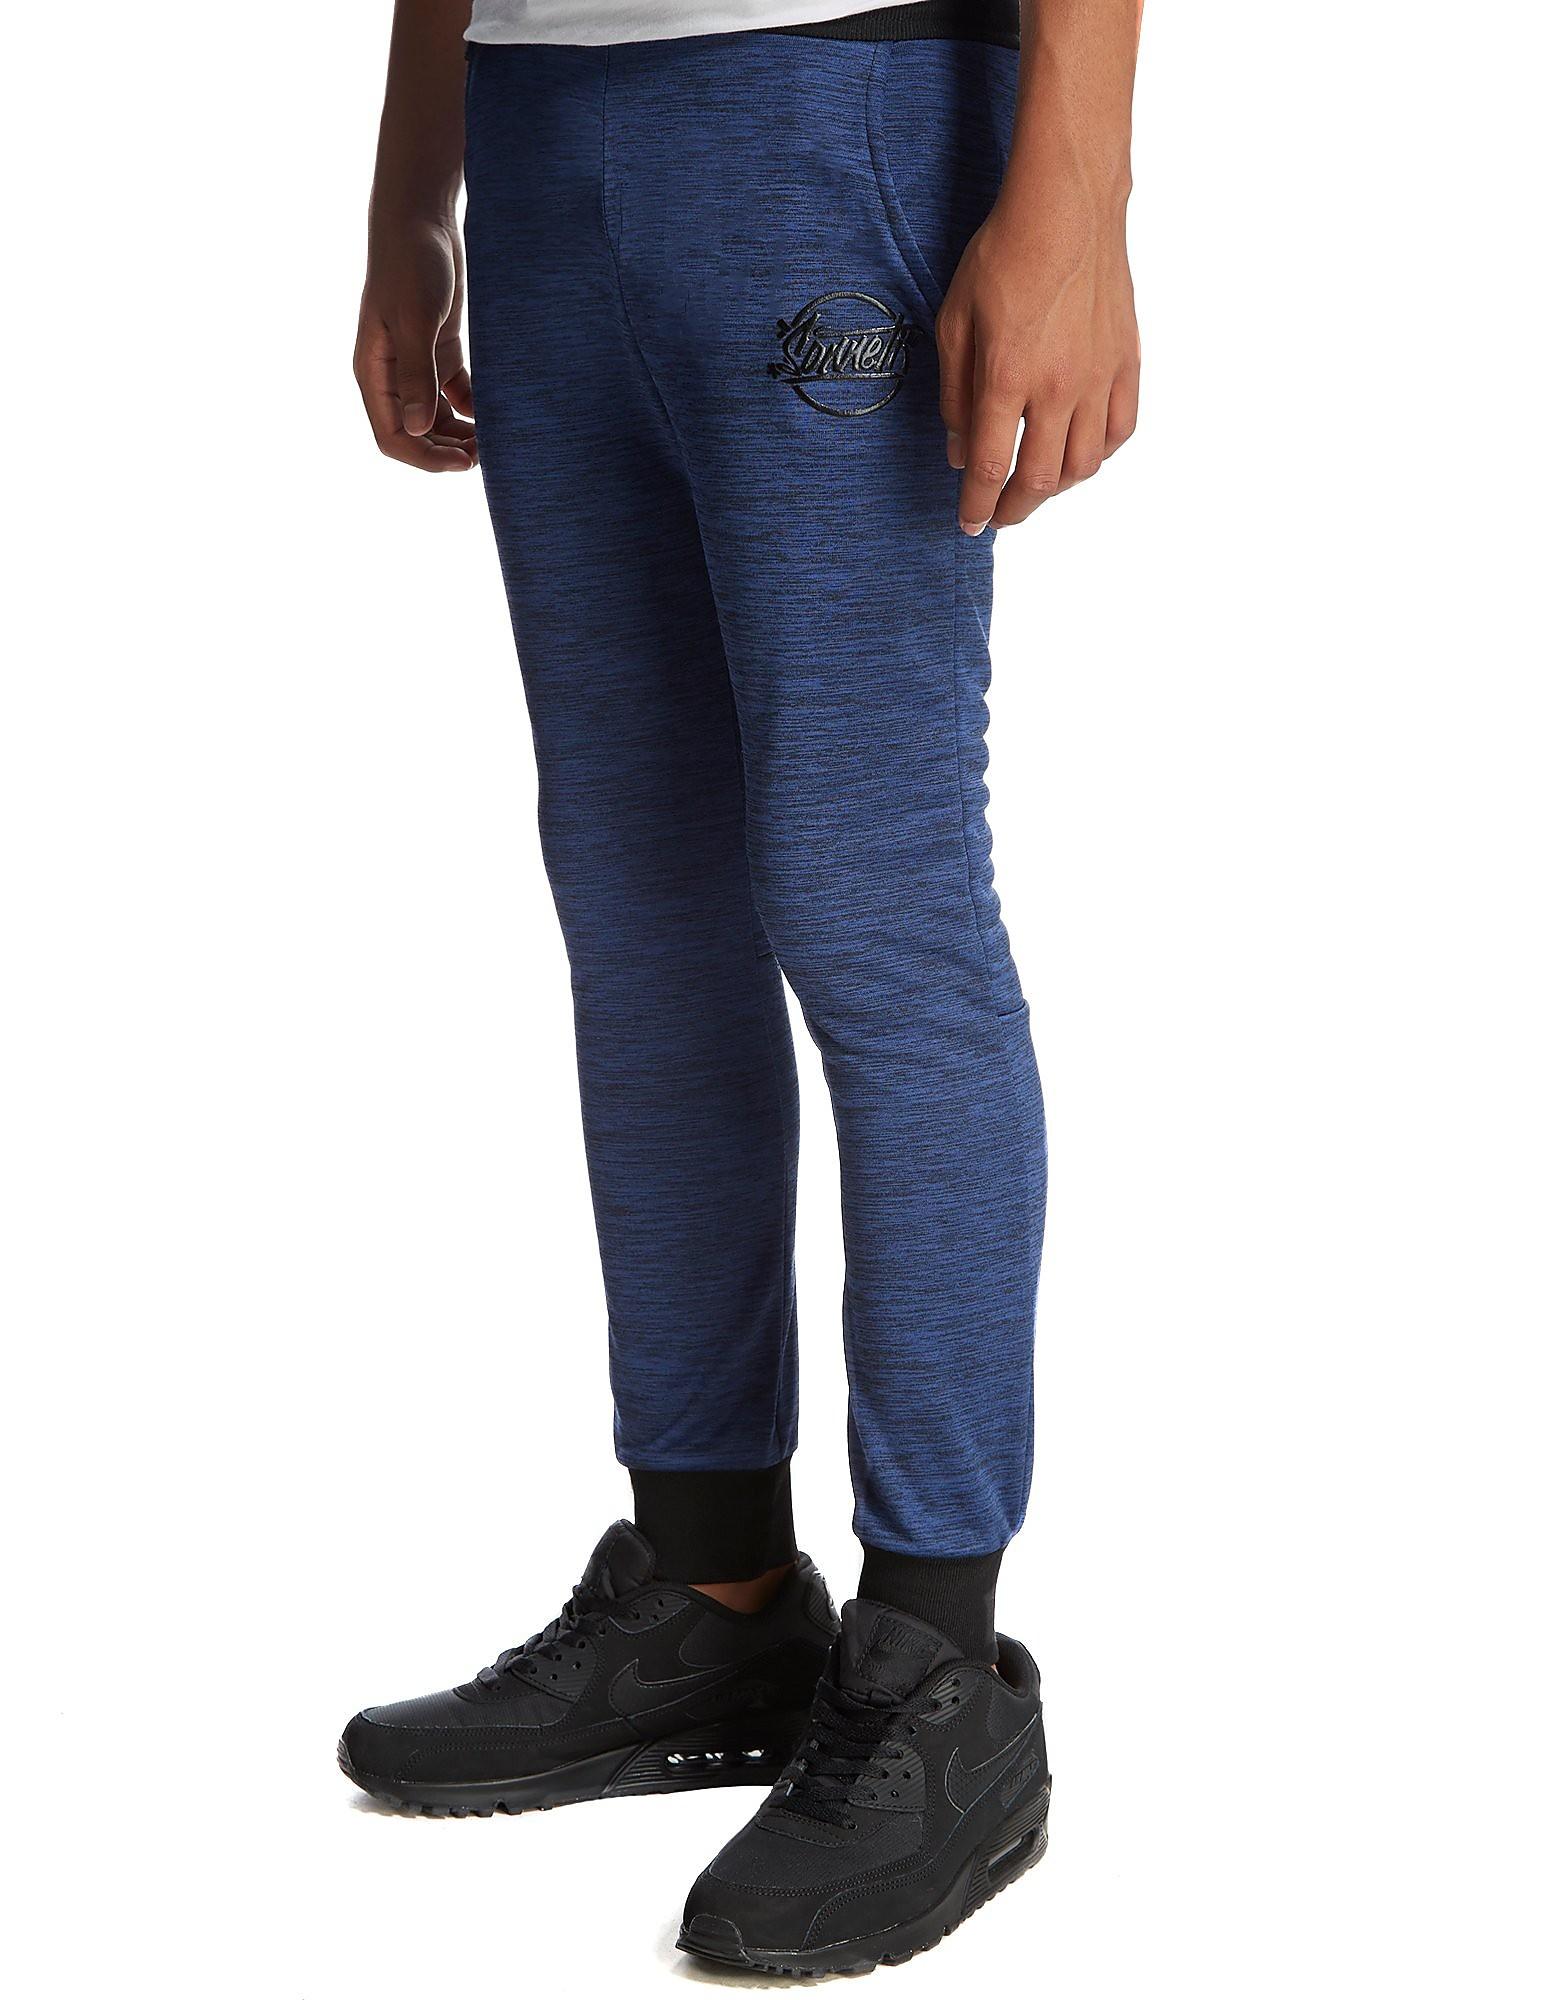 Sonneti Oxide Pants Junior